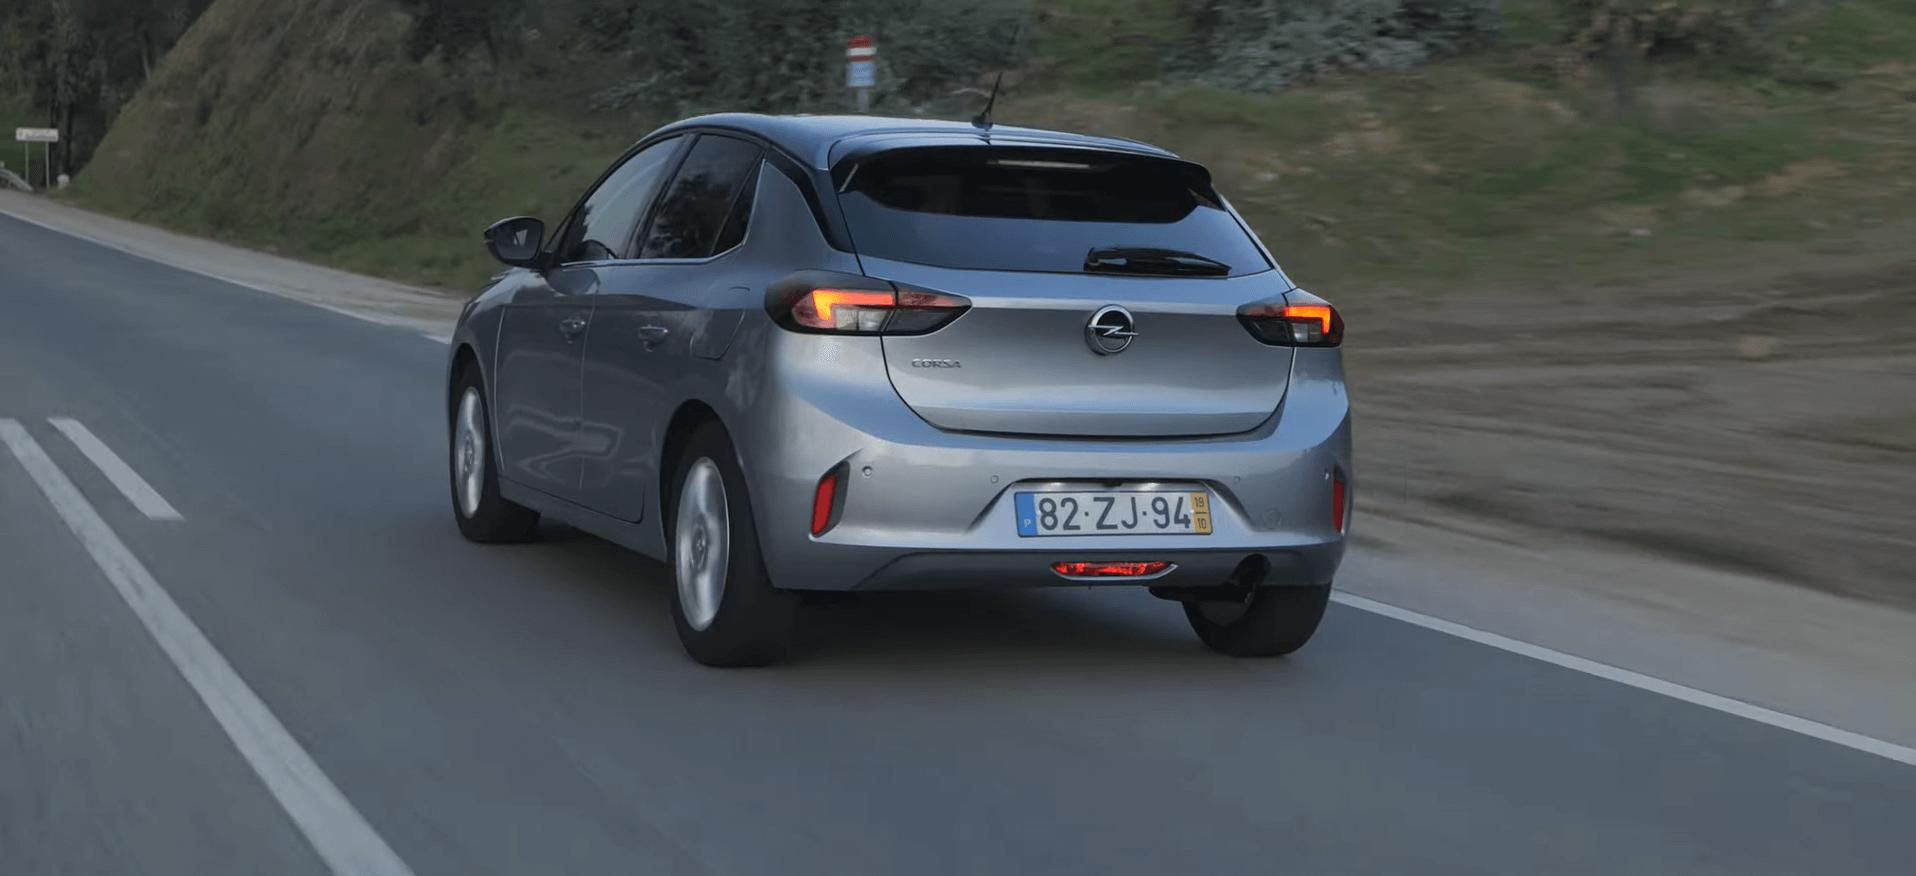 Testamos O Novo Opel Corsa O Primeiro Da Era Psa Video